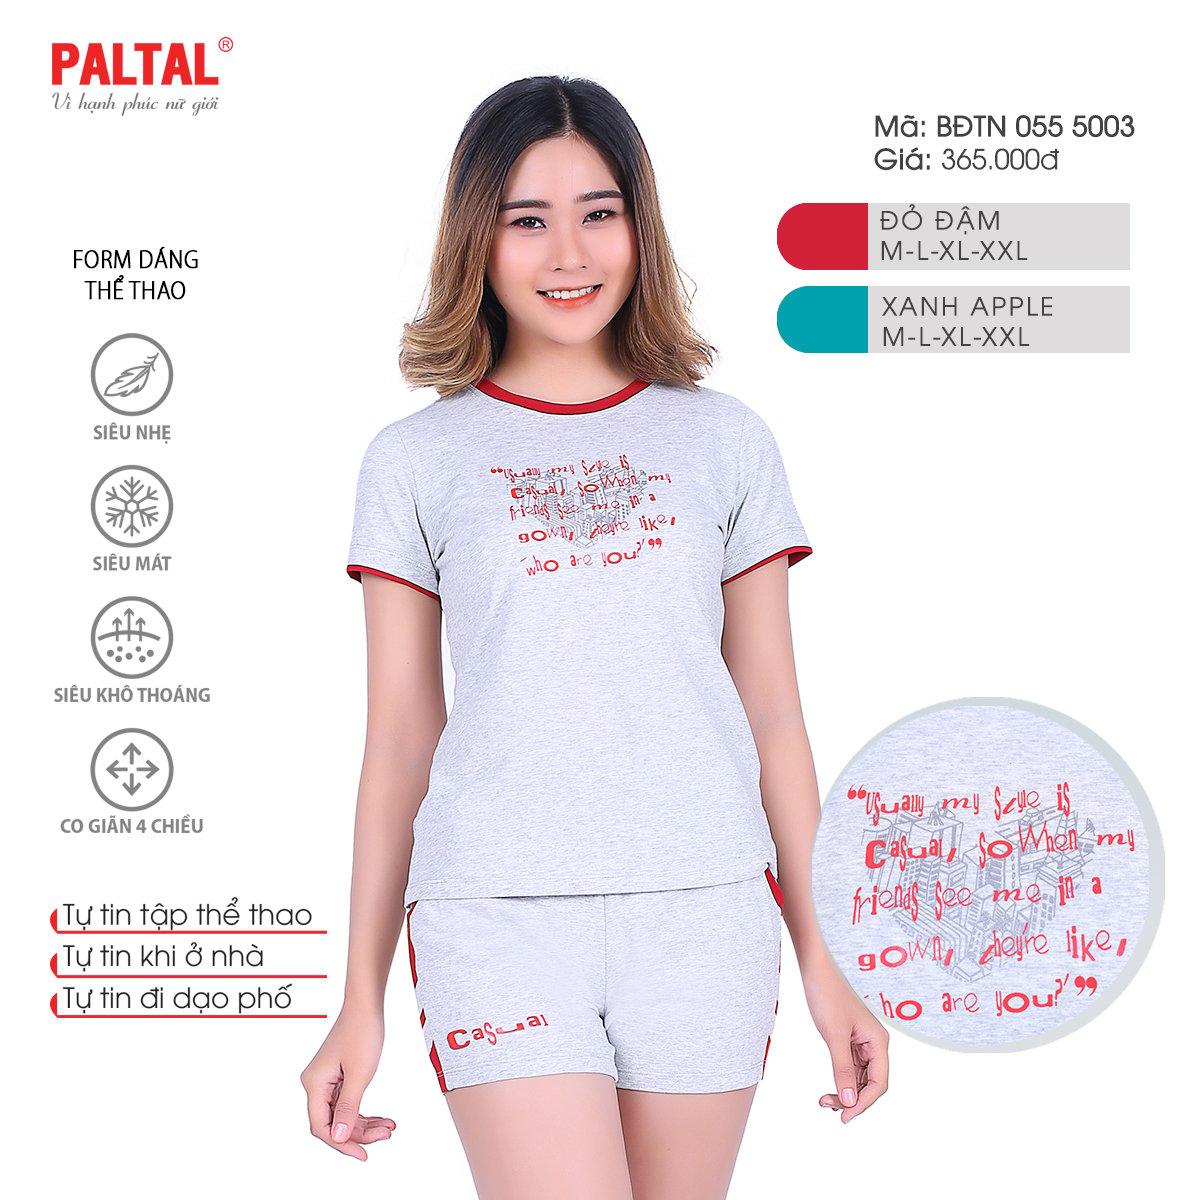 Bộ đùi tay ngắn cao cấp PALTAL bddtn 055p 5003